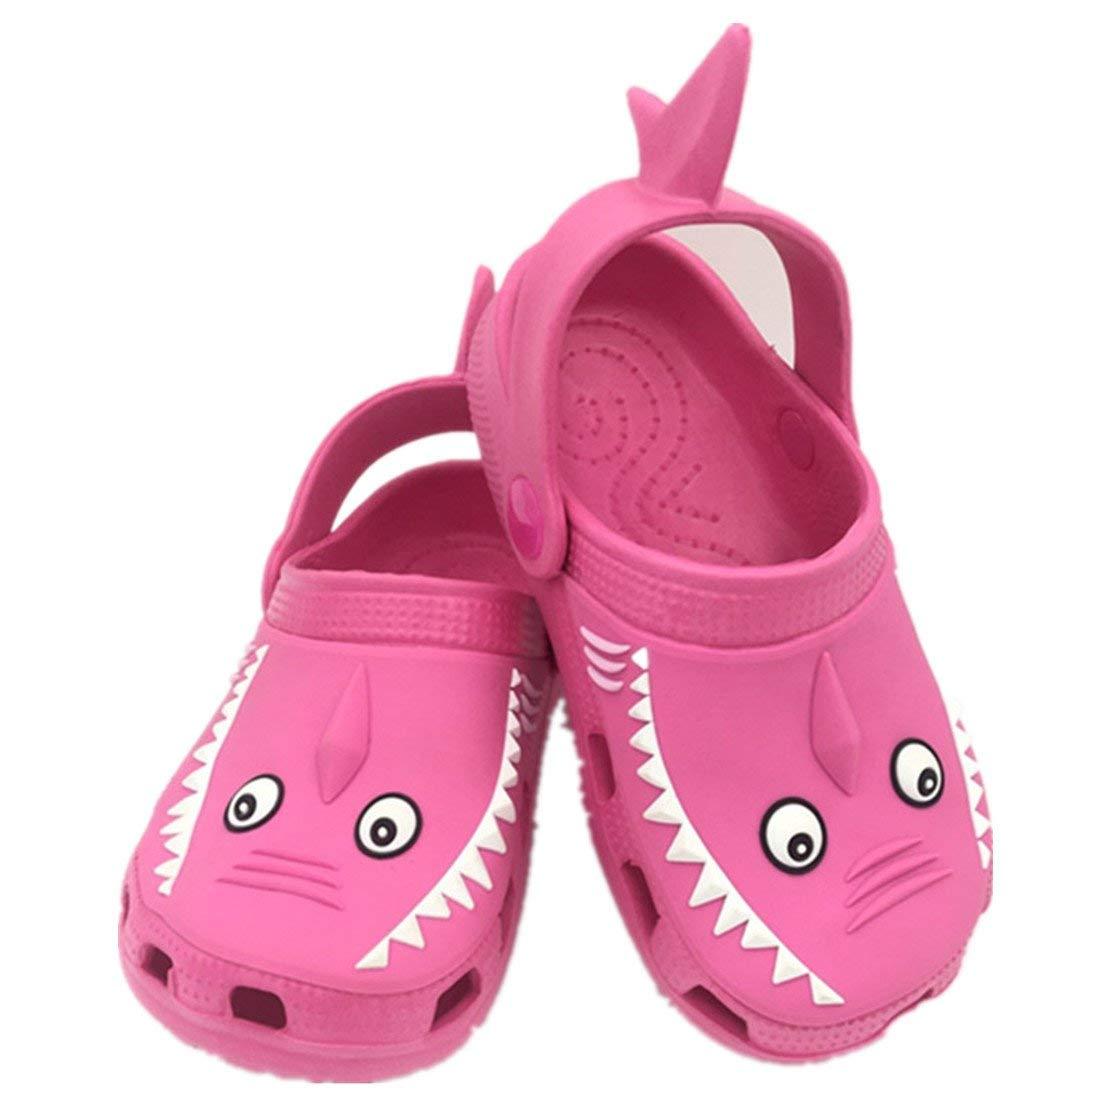 b22d1c5b093a6 TooToo Kids Garden Shoes Cartoon Shark Slides Sandals Clogs for Little Boys